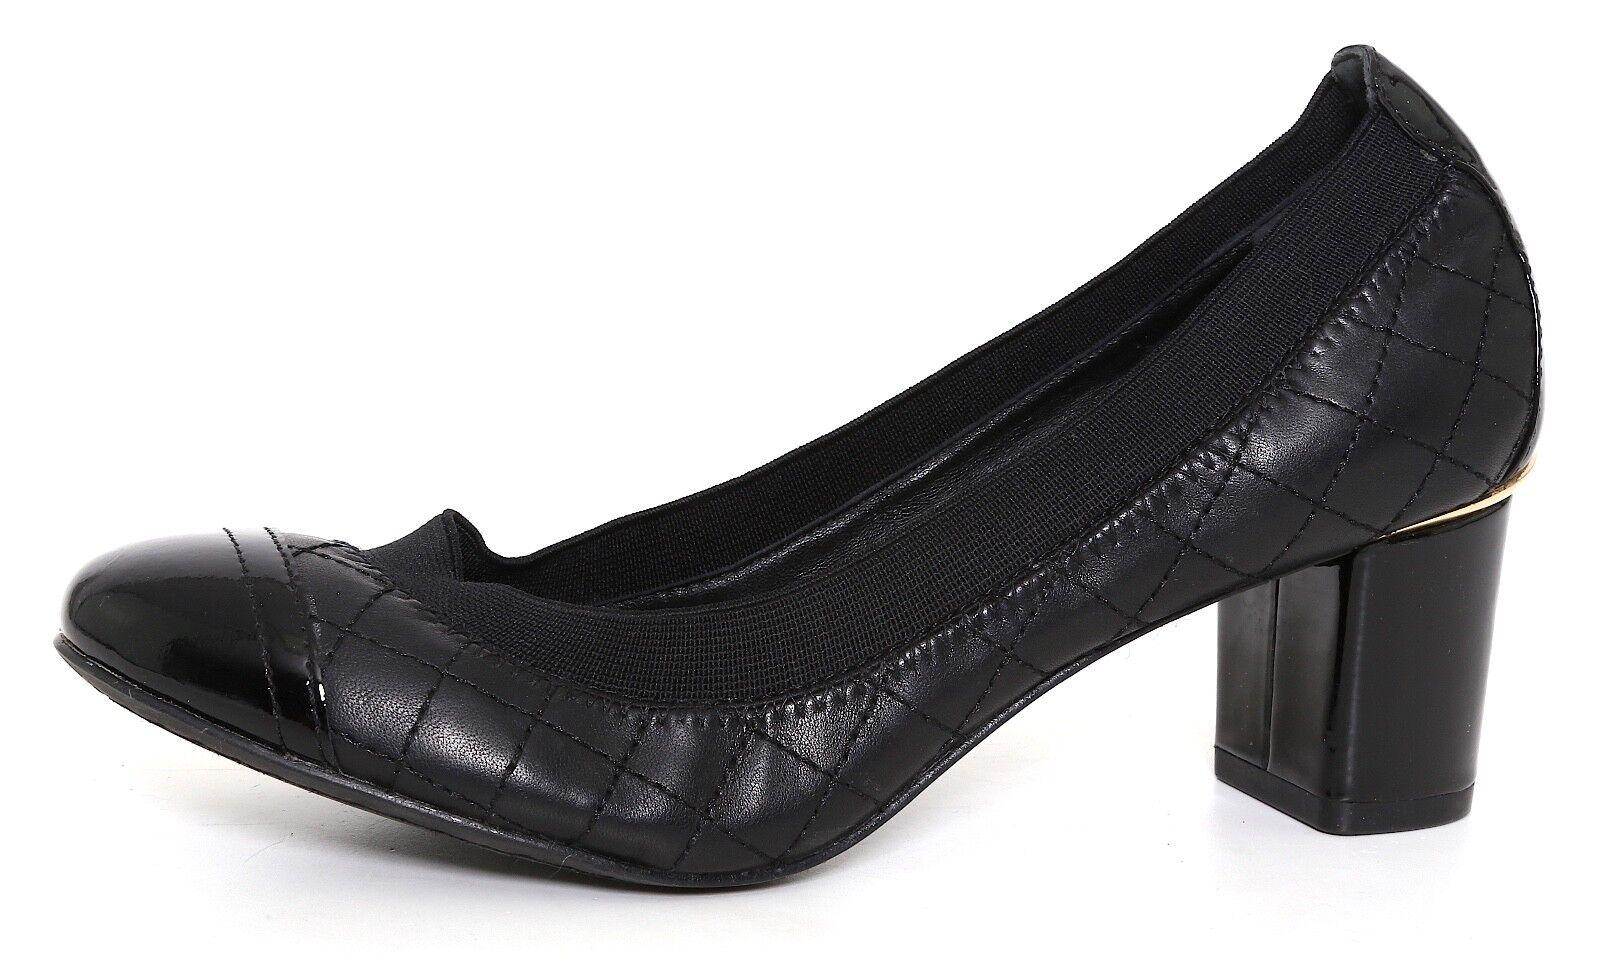 Tory Burch Carrie Quilted Bomba de de de Cuero Negro para Mujeres Talla 5.5 M 3172  la mejor selección de